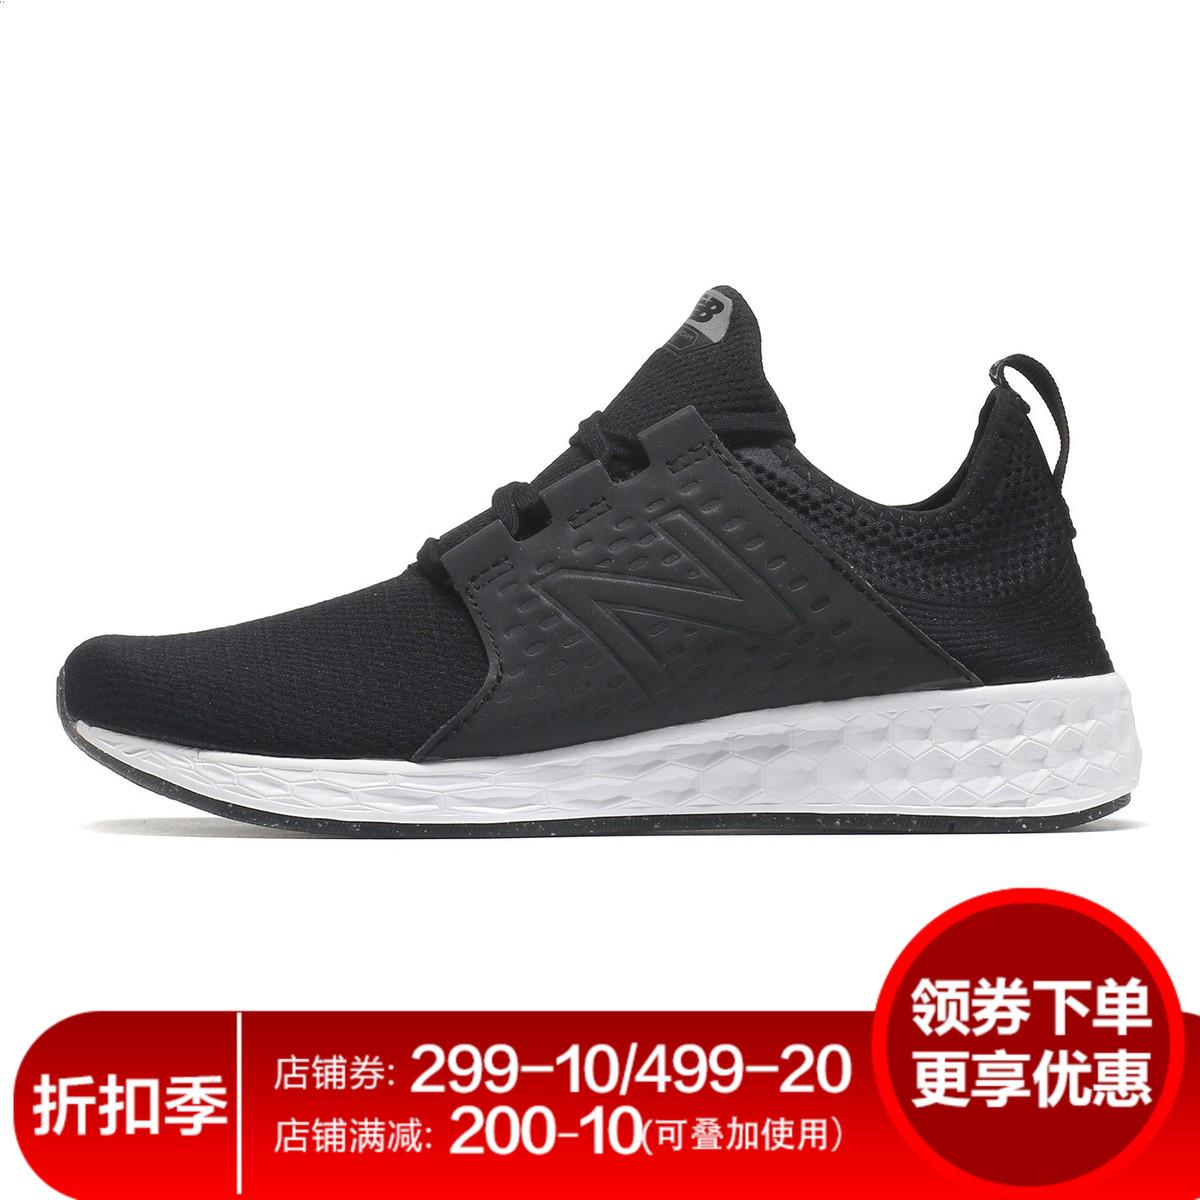 New Balance/NB男鞋跑步鞋2018新款轻量减震复古运动鞋MCRUZSB